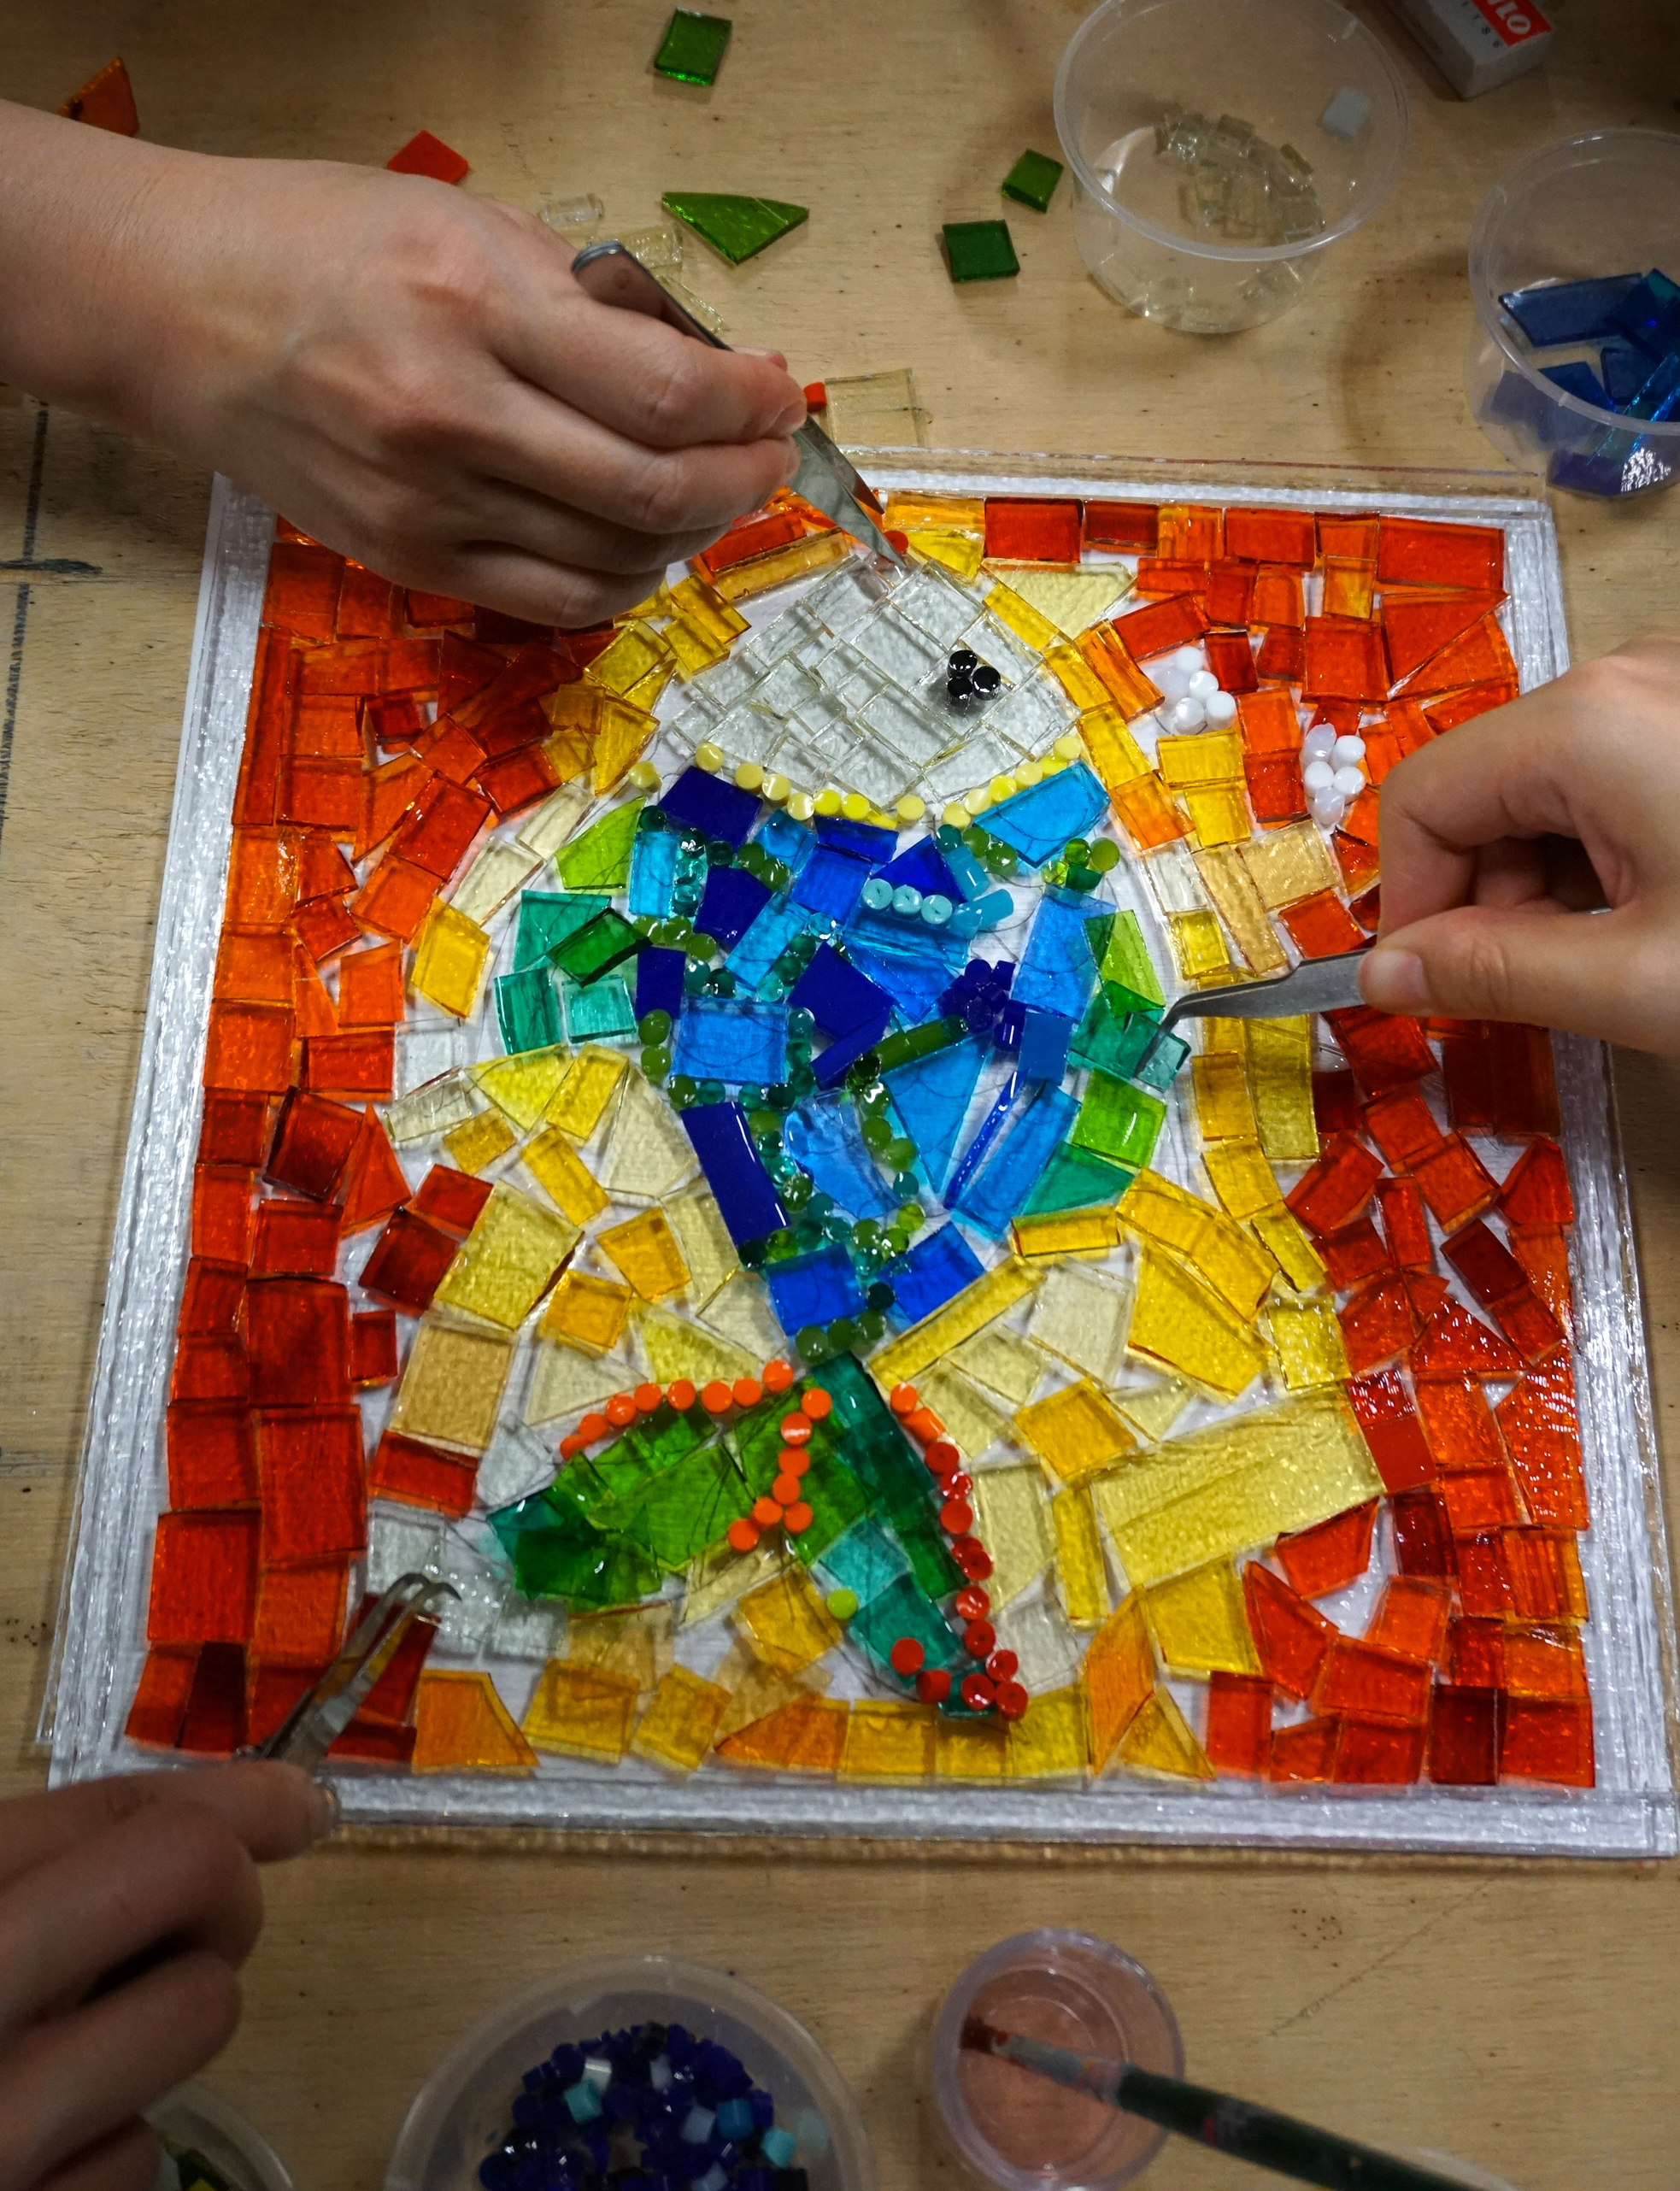 Assembling a vibrant piece of Art